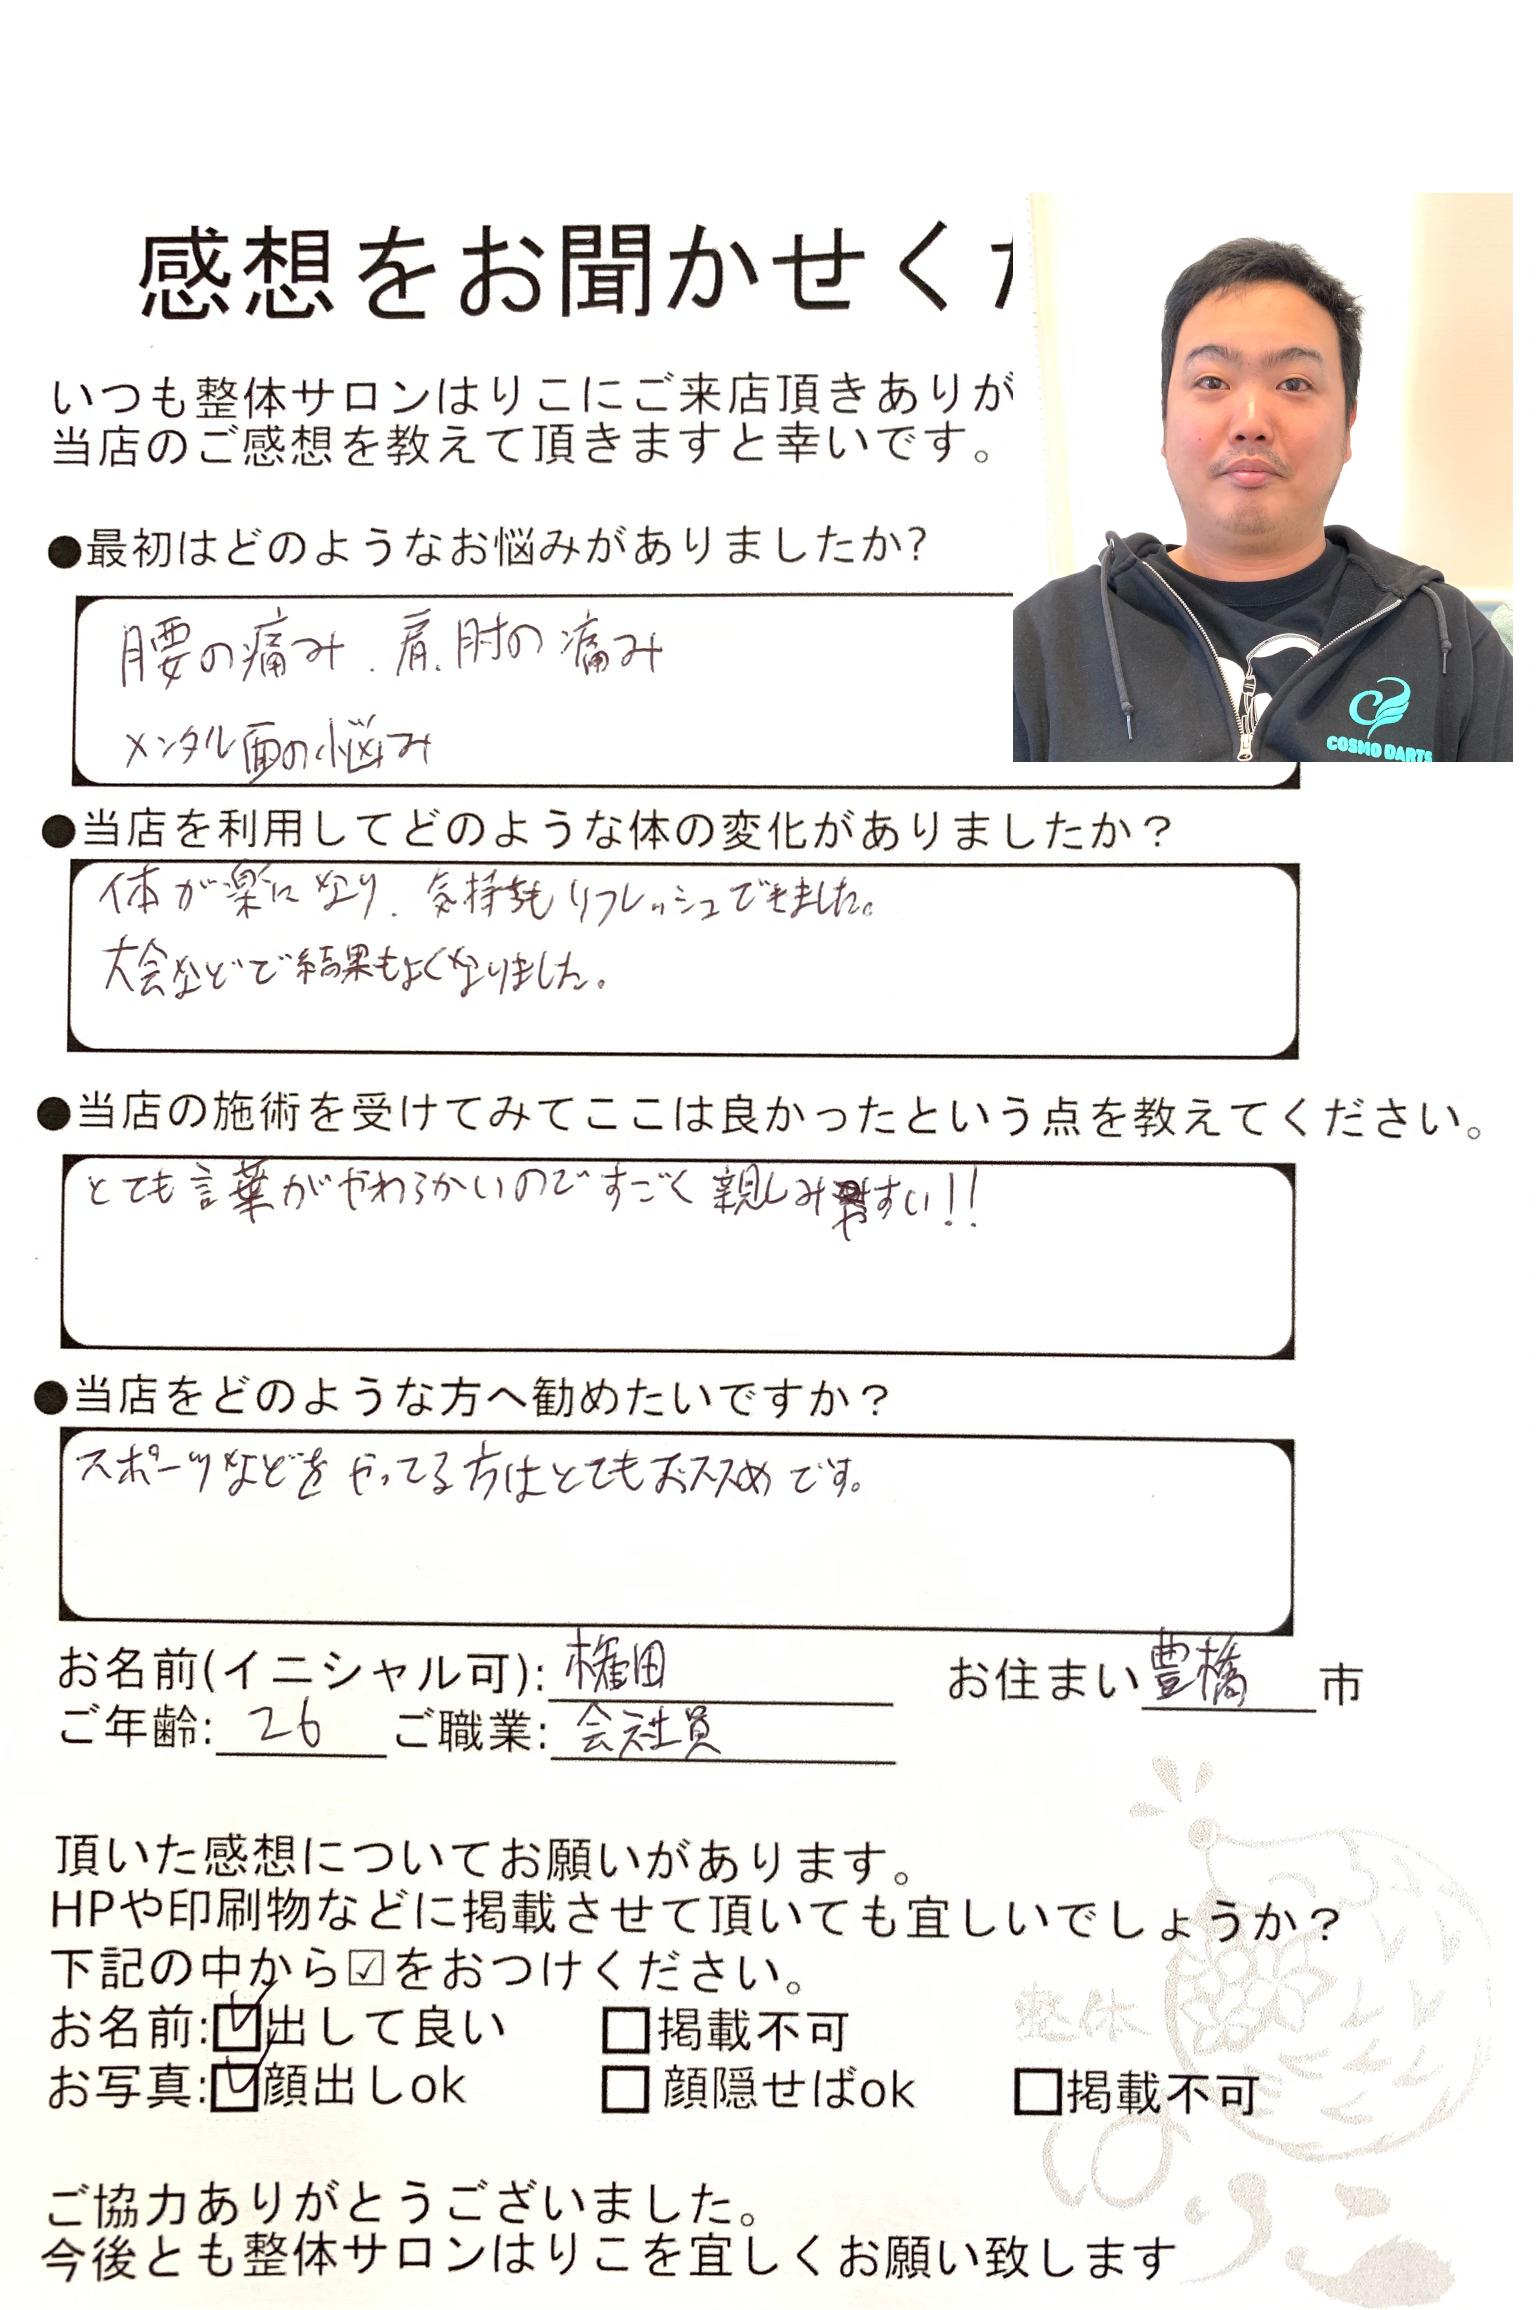 権田貴久さん口コミ